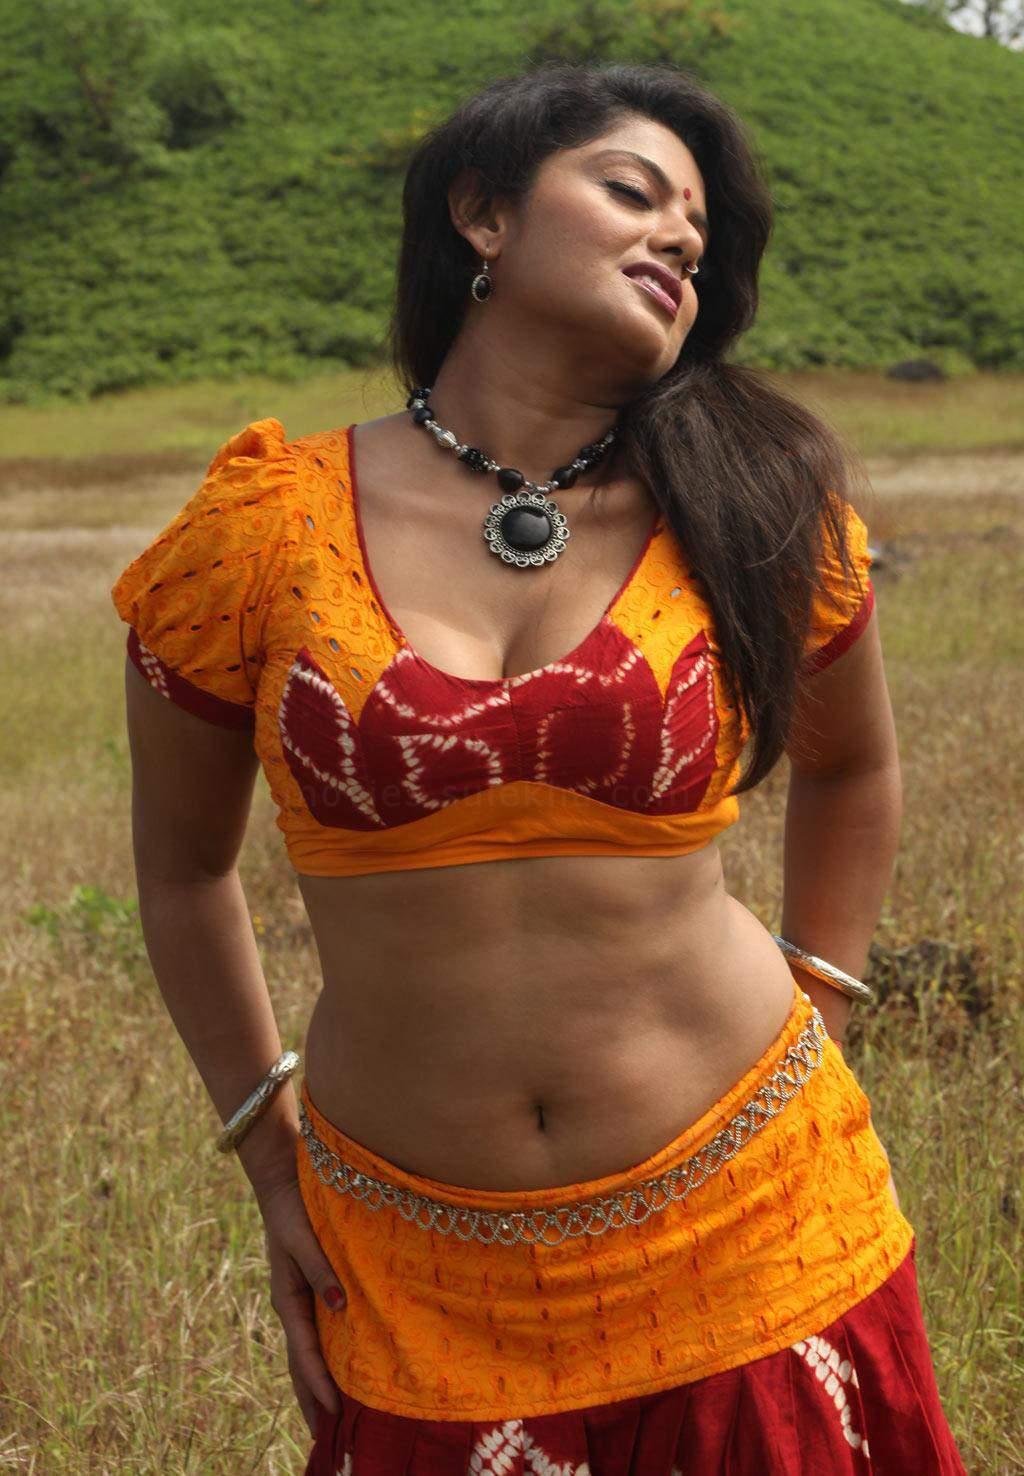 hot-nude-pundai-boobs-images-big-fat-saggy-tits-pics